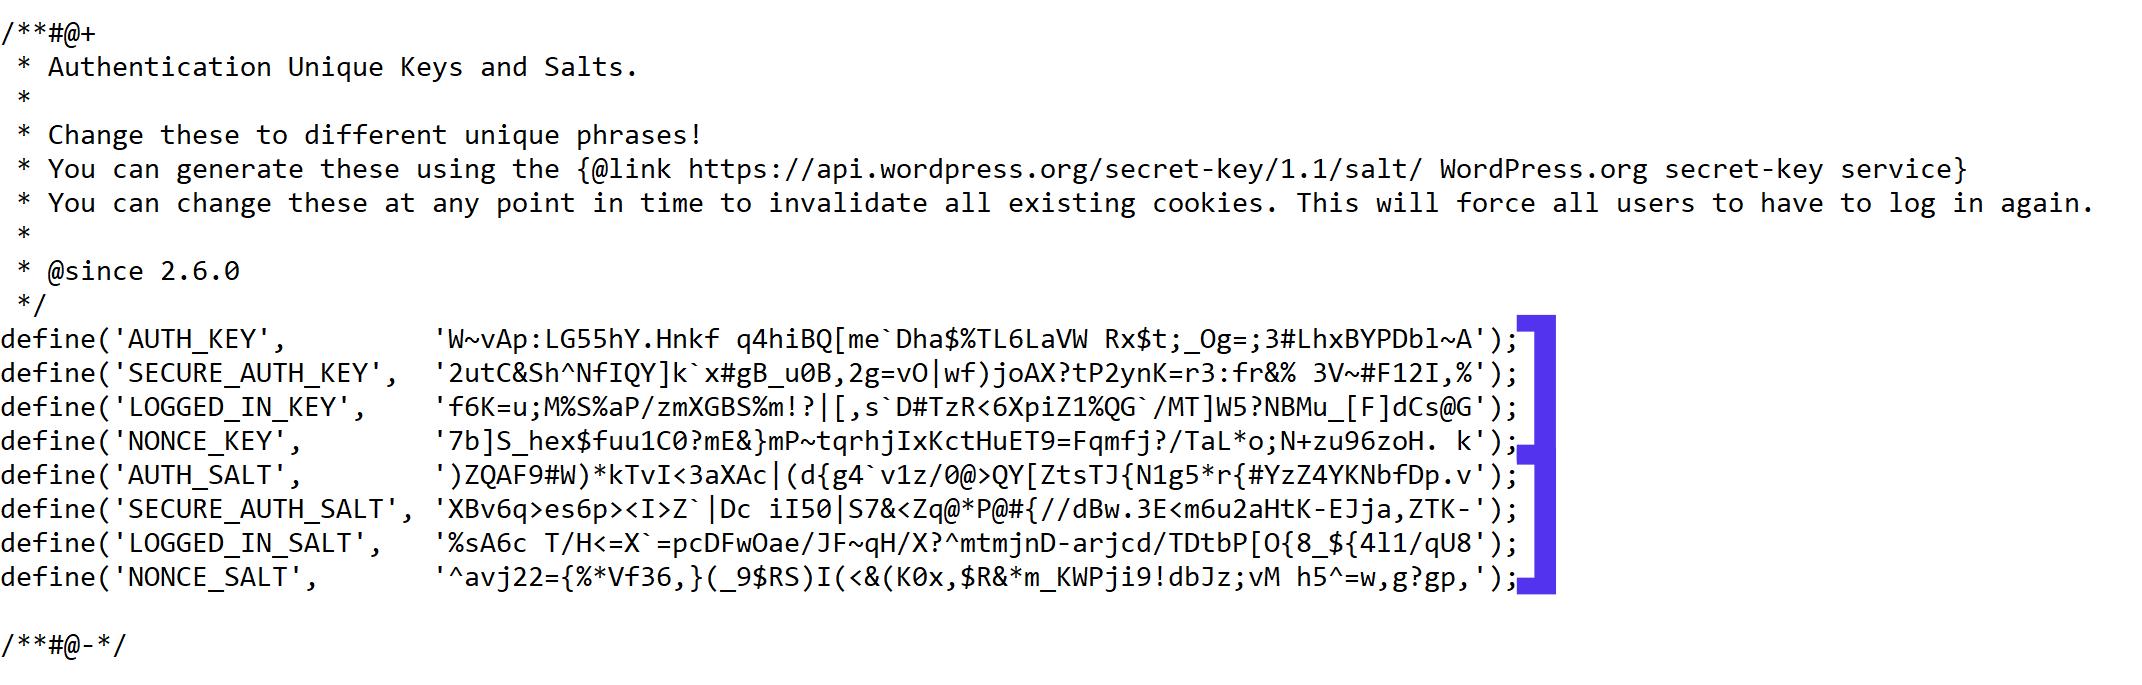 Voorbeeld van SALT-codes in je wp-config.php-bestand